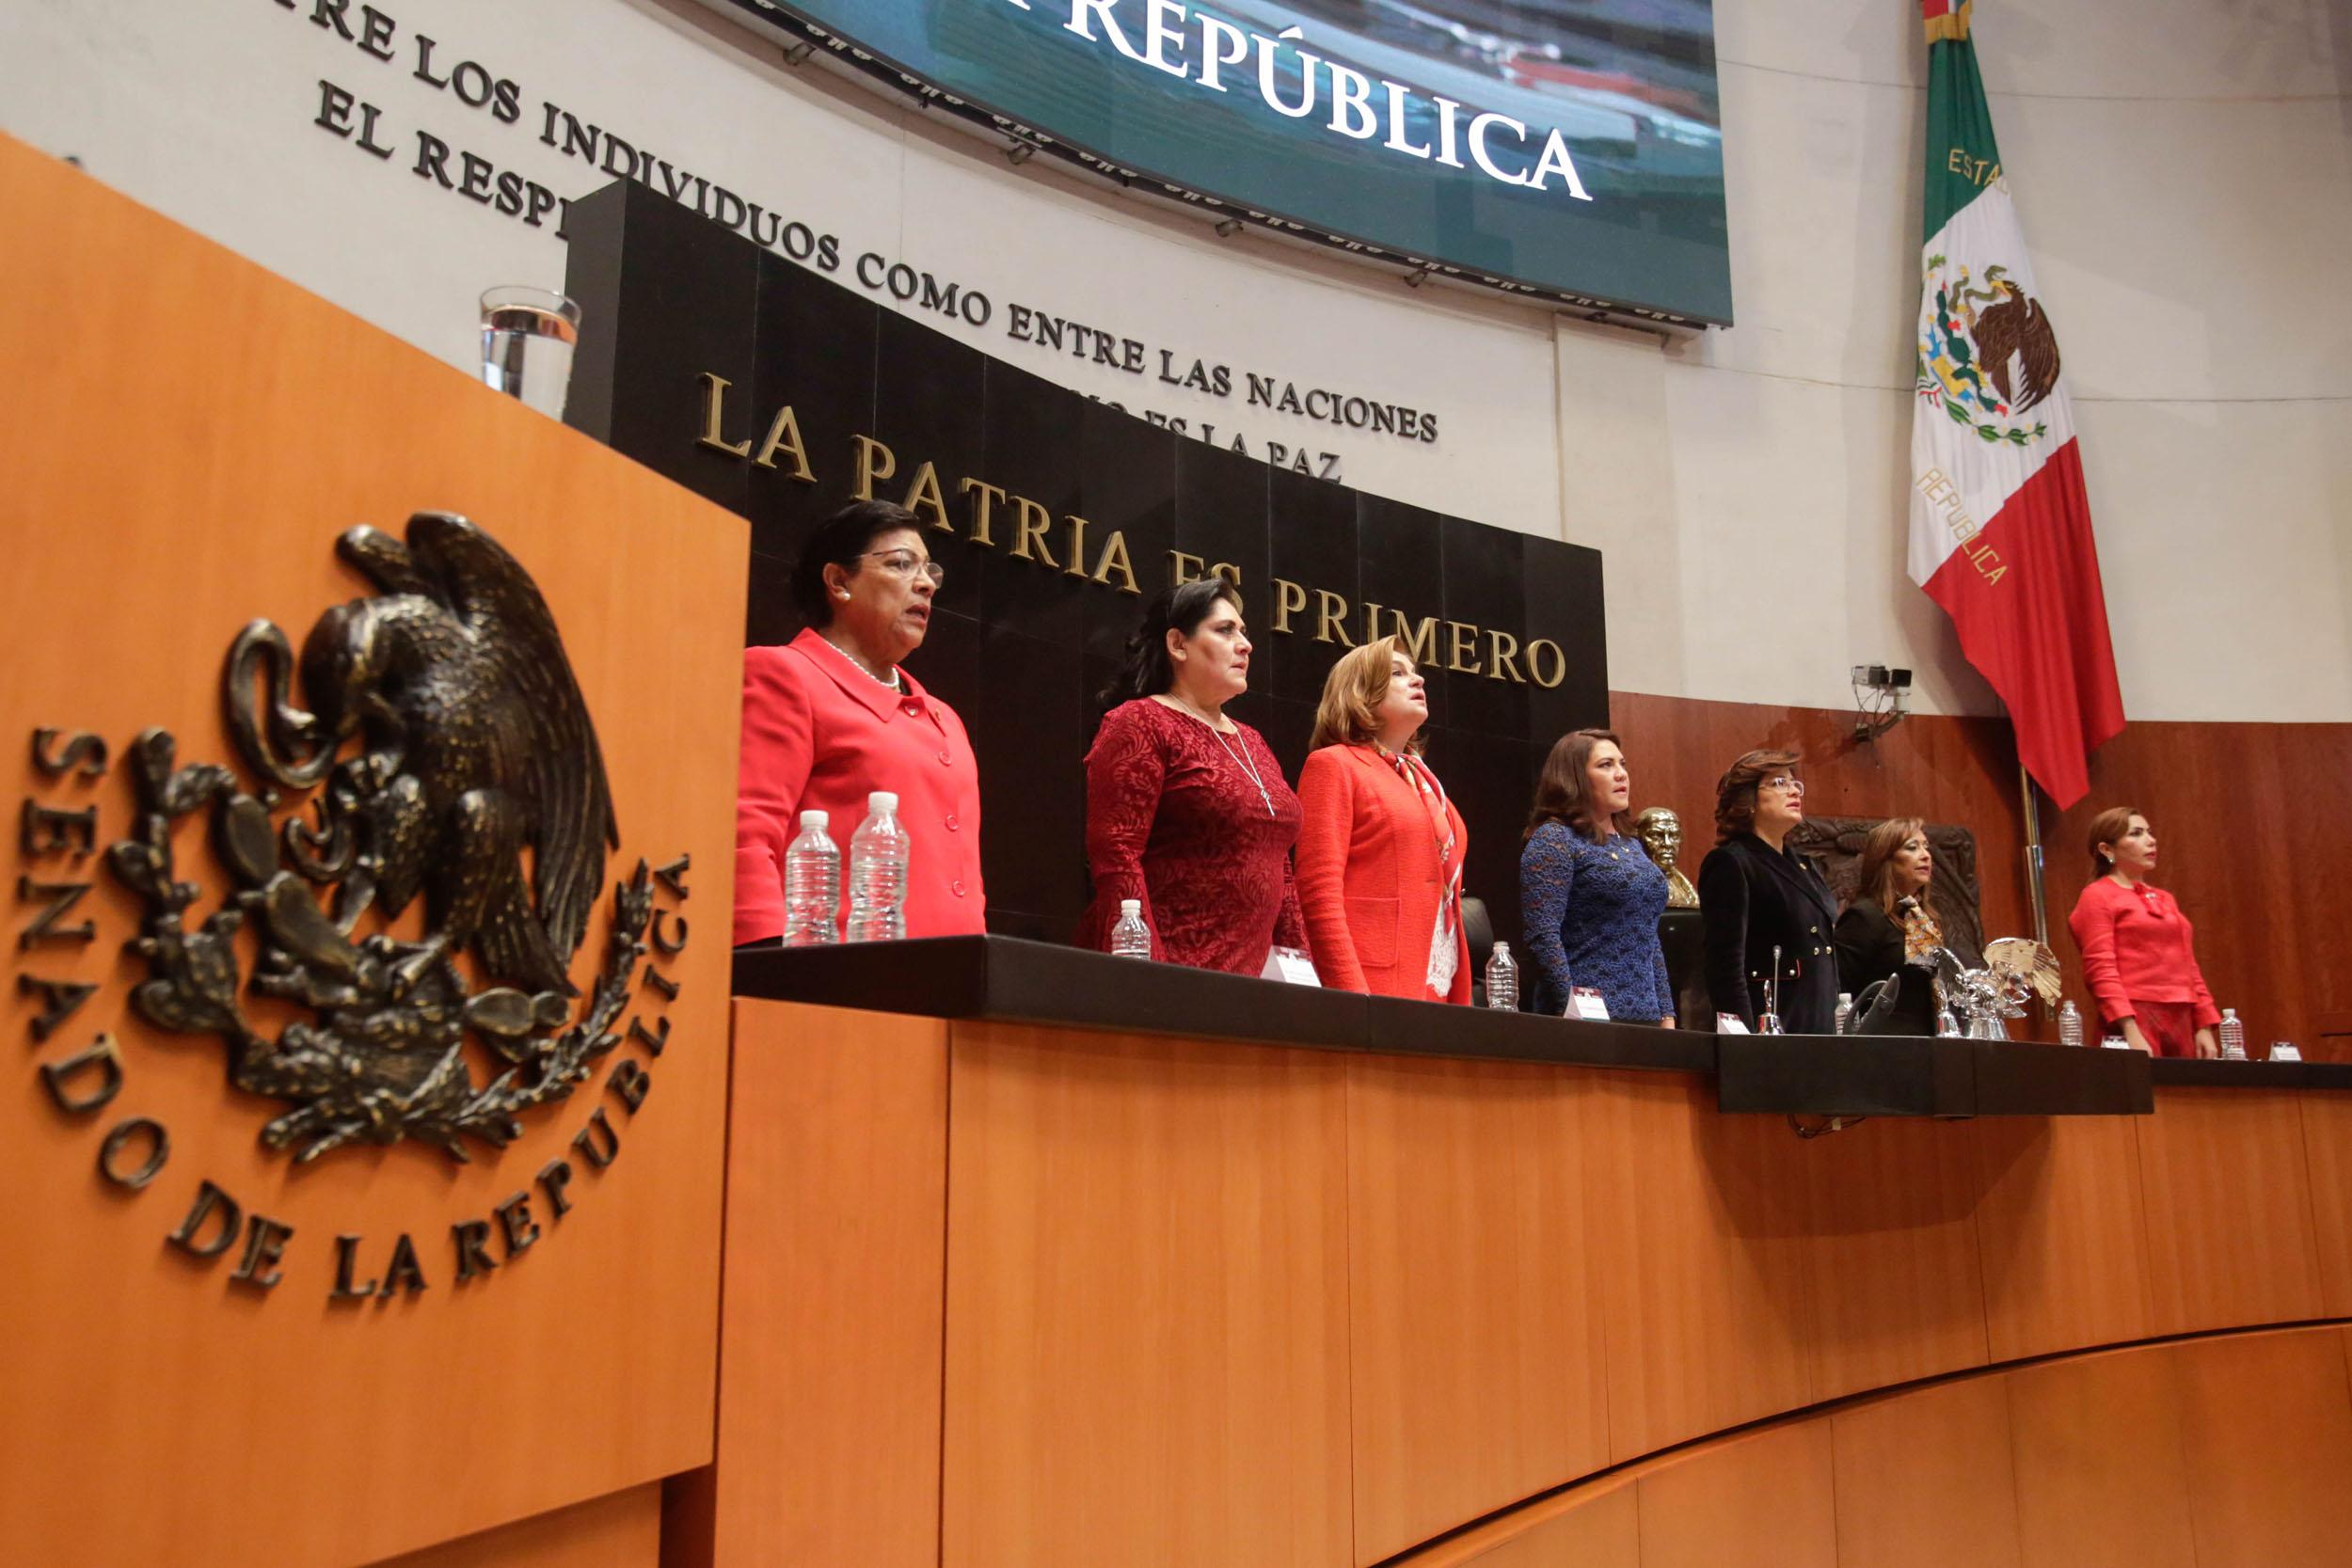 Desde hace 64 años las mujeres tienen derecho a votar en México